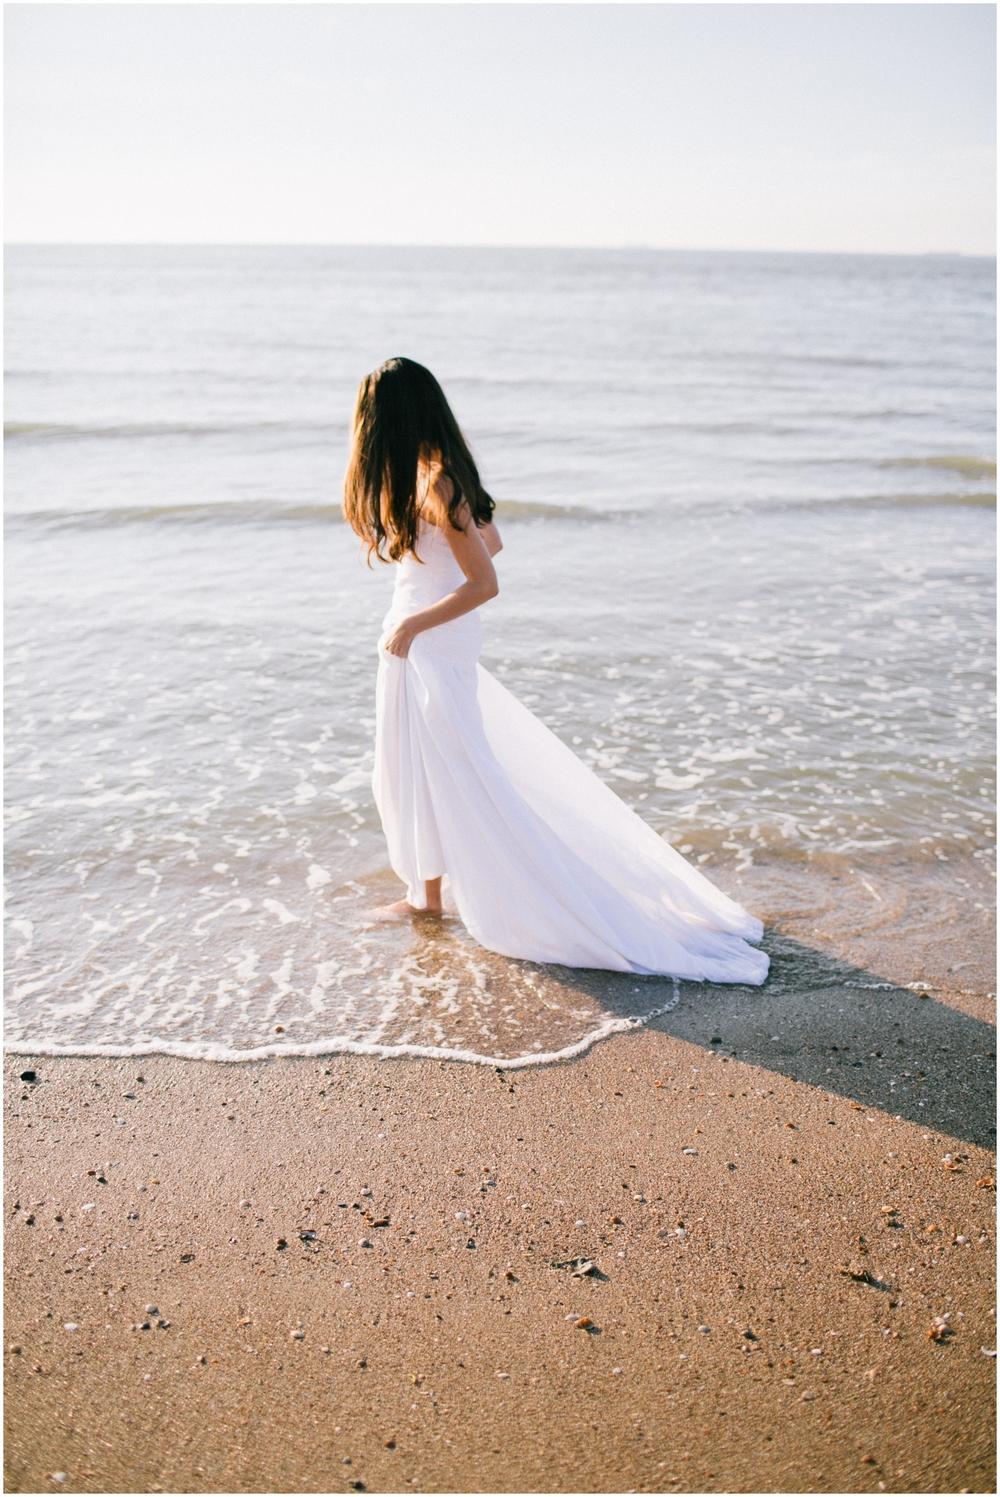 bridal-shoot-beach-inpsiration-cadzand-045.jpg